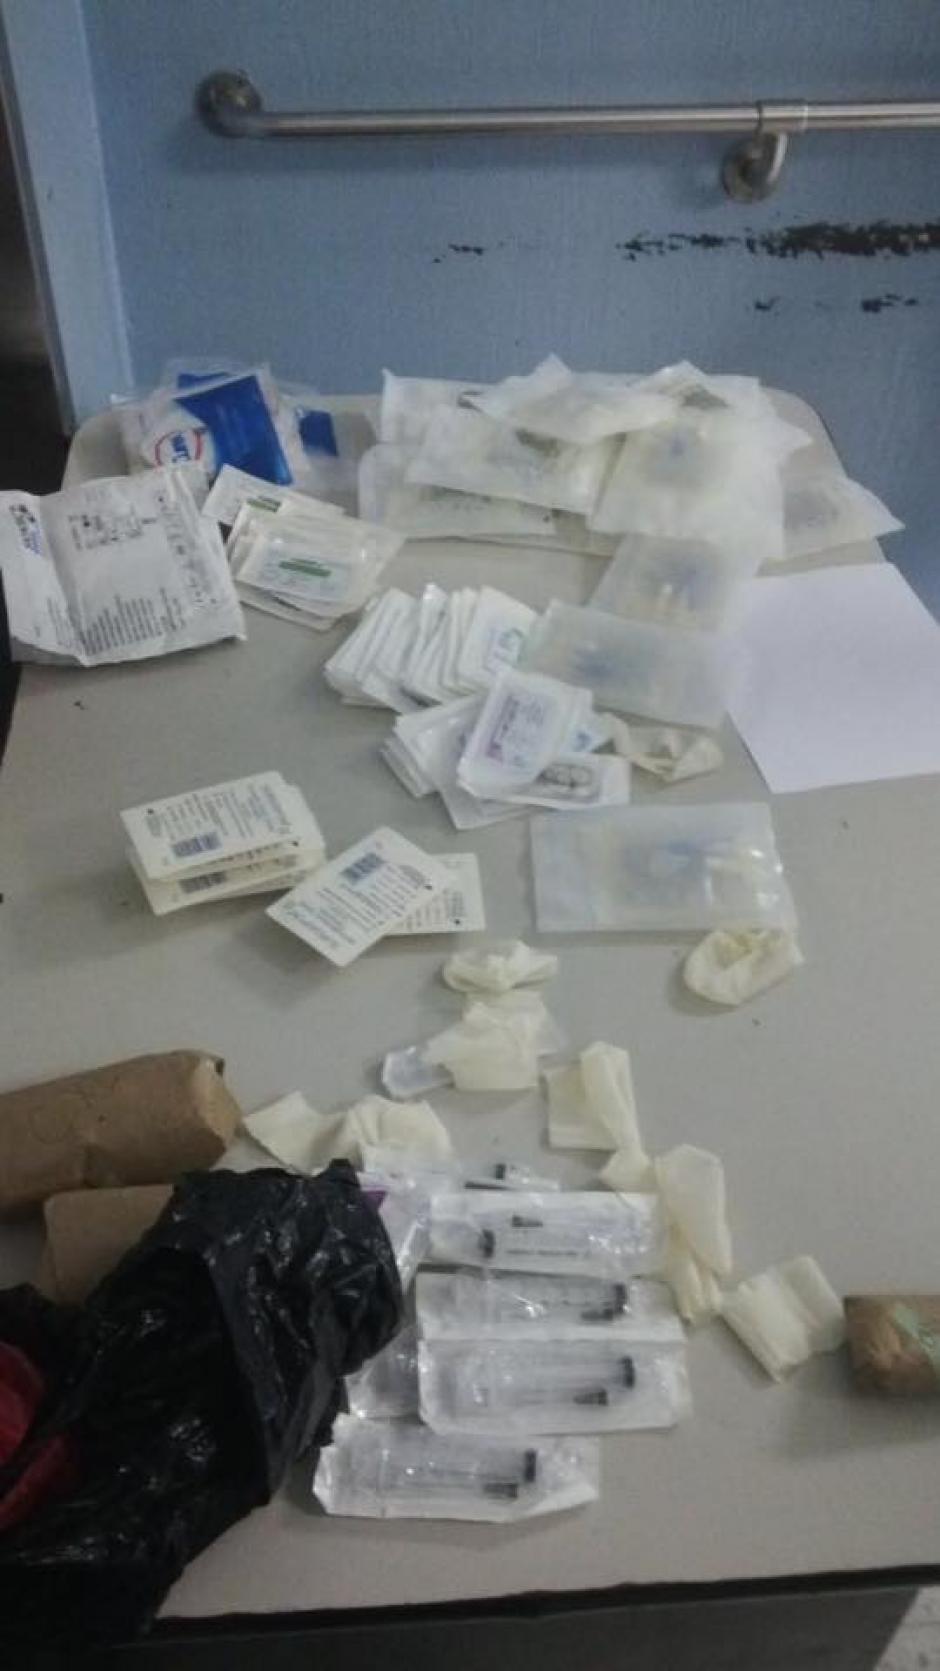 La enfermera lanzó los insumos al ser descubierta. (Foto: Facebook director San Juan de Dios)